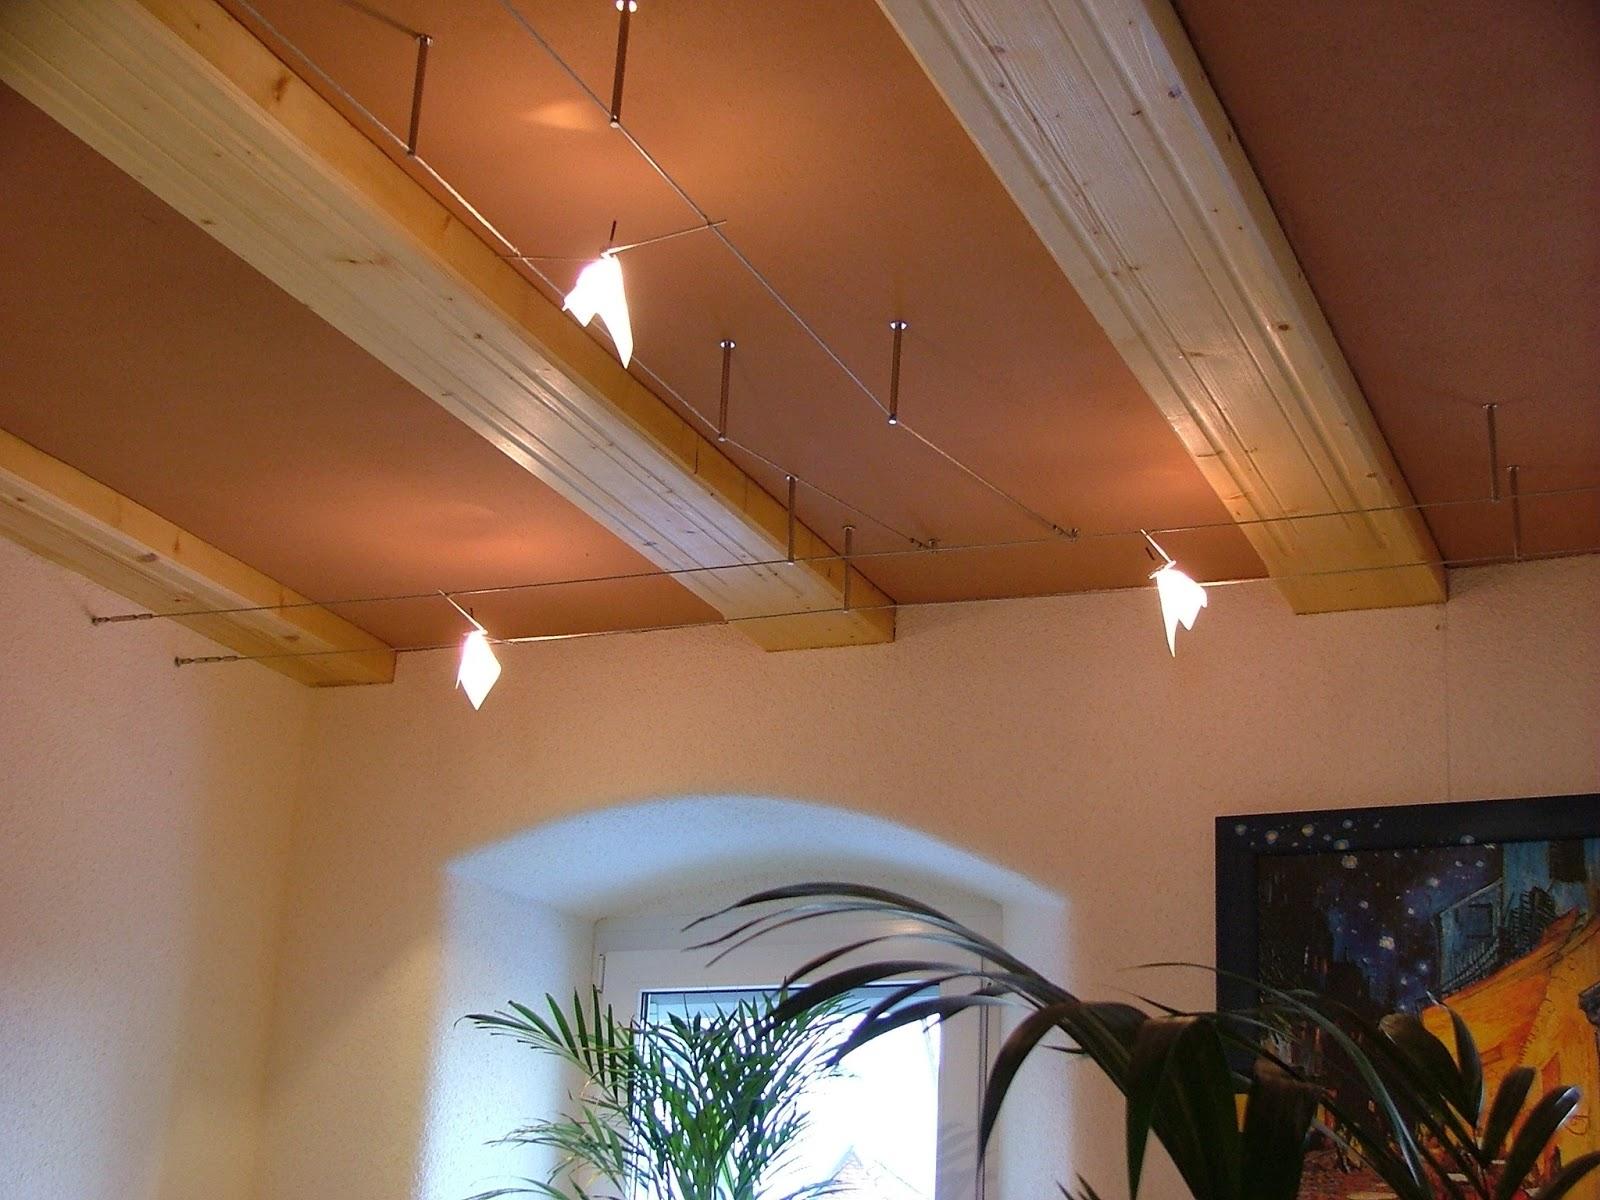 indirekte beleuchtung deckenbalken | hause dekoration ideen